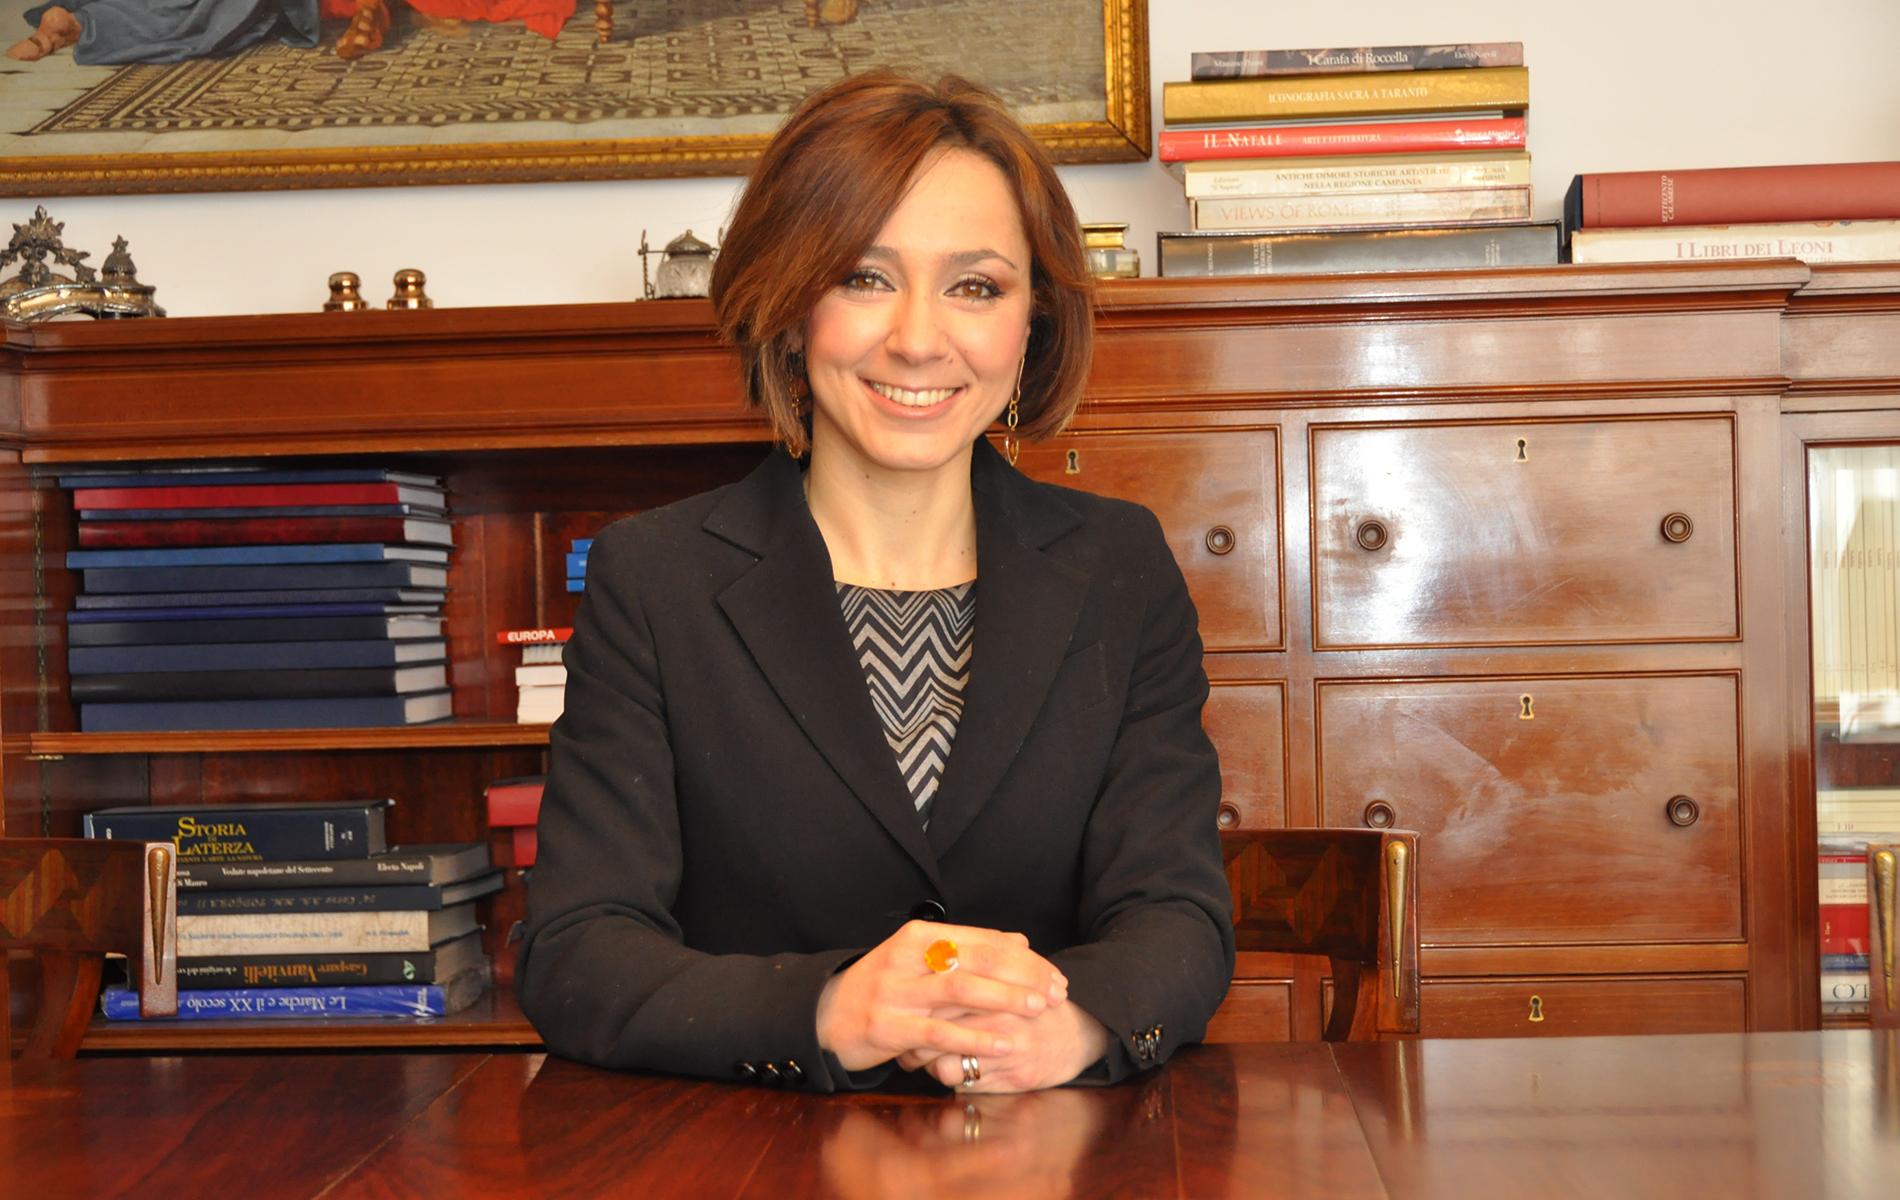 Avv. Licia Fiorentini